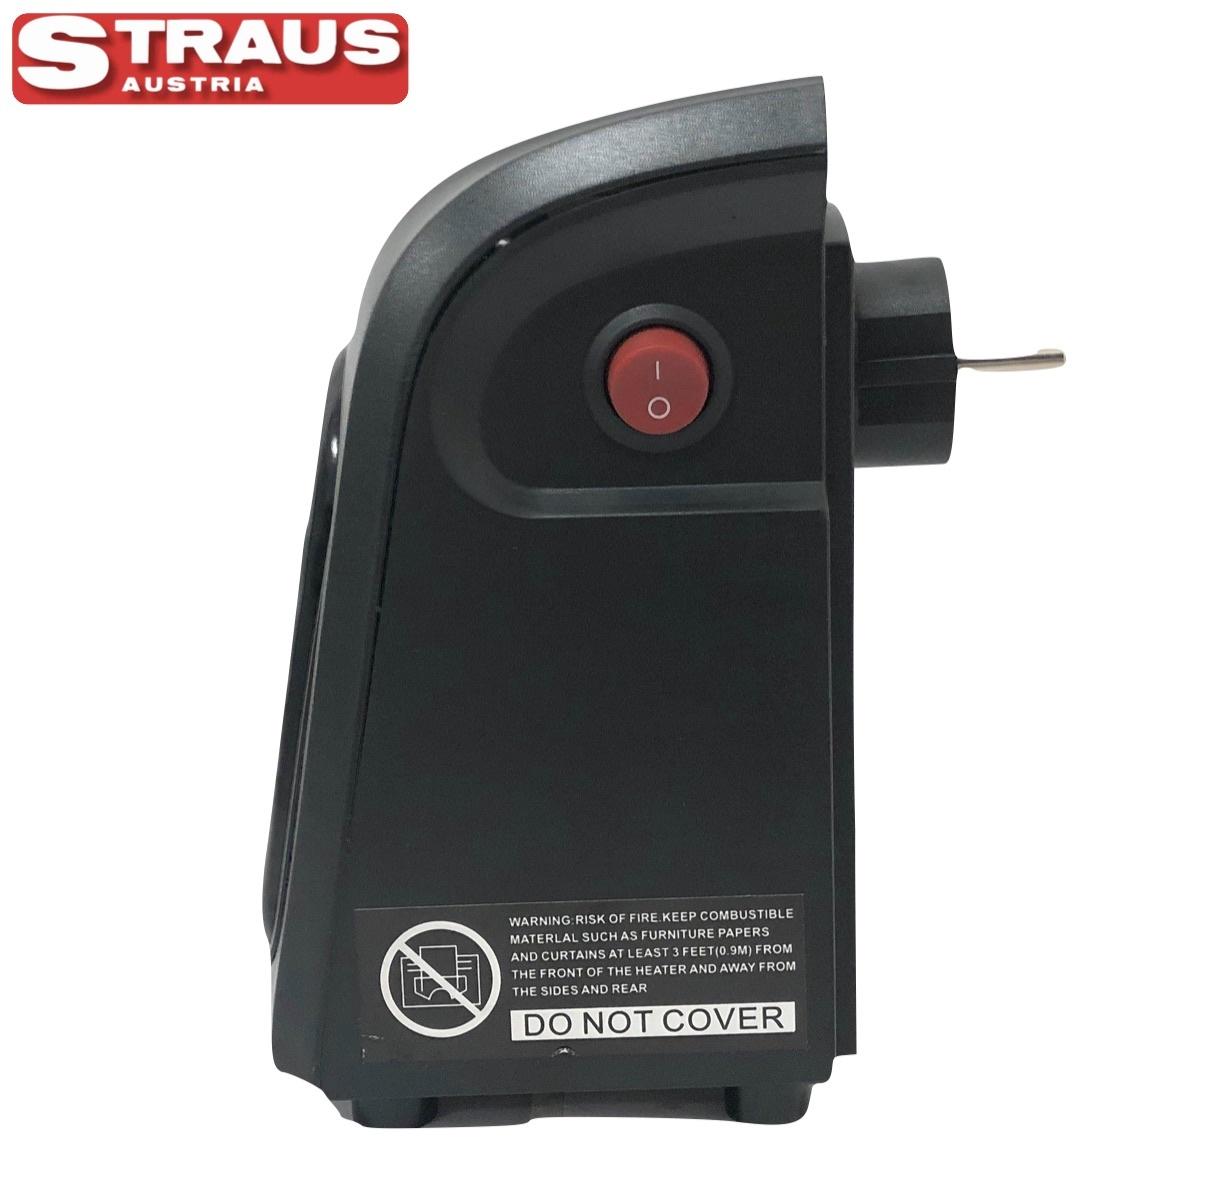 Straus Mobiele Mini-kachel Elektrisch - digitale display 500W